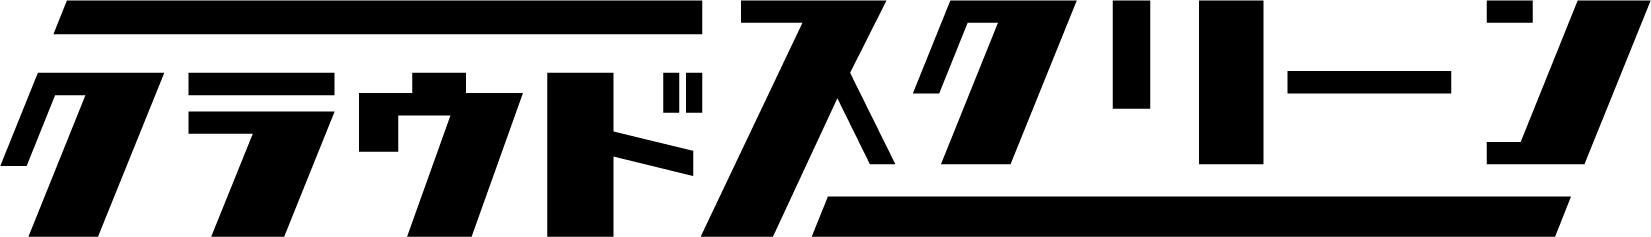 CloudScreen_logo